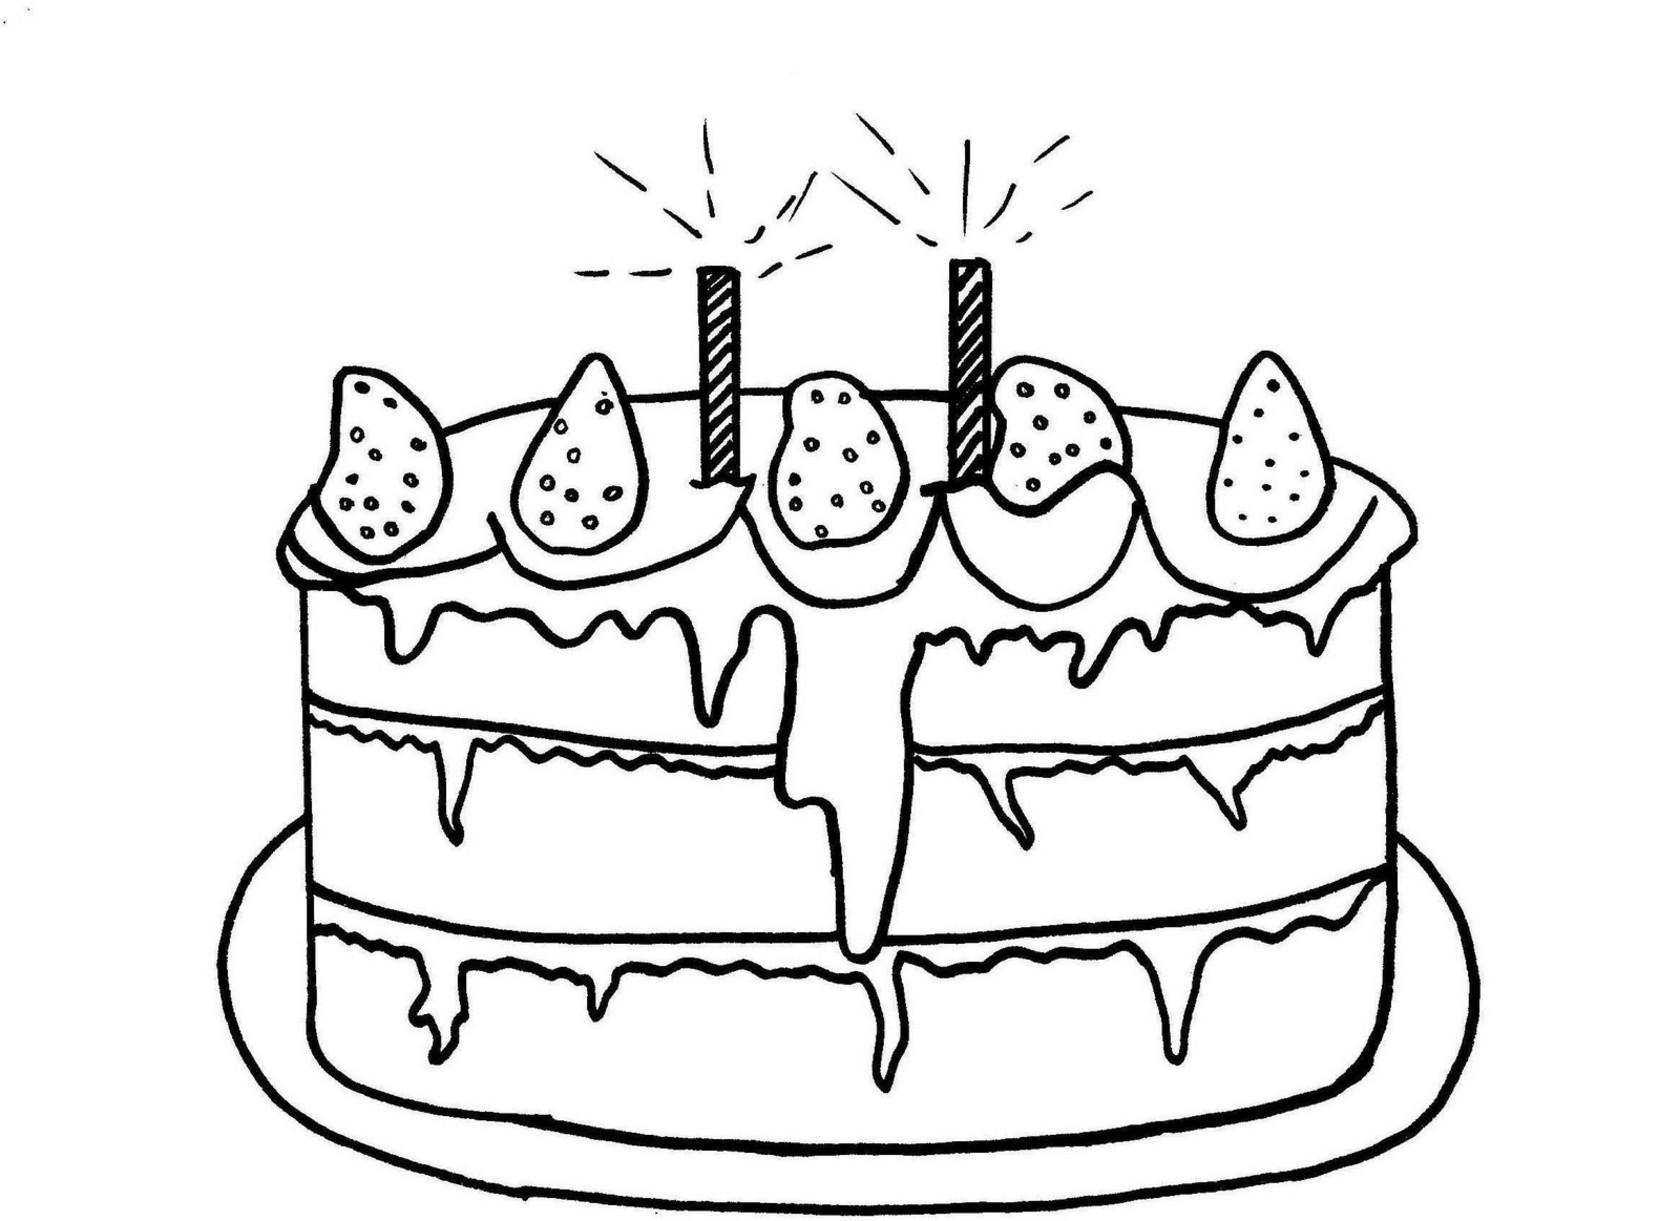 Gateaux anniversaire dessin - Coloriage de anniversaire ...